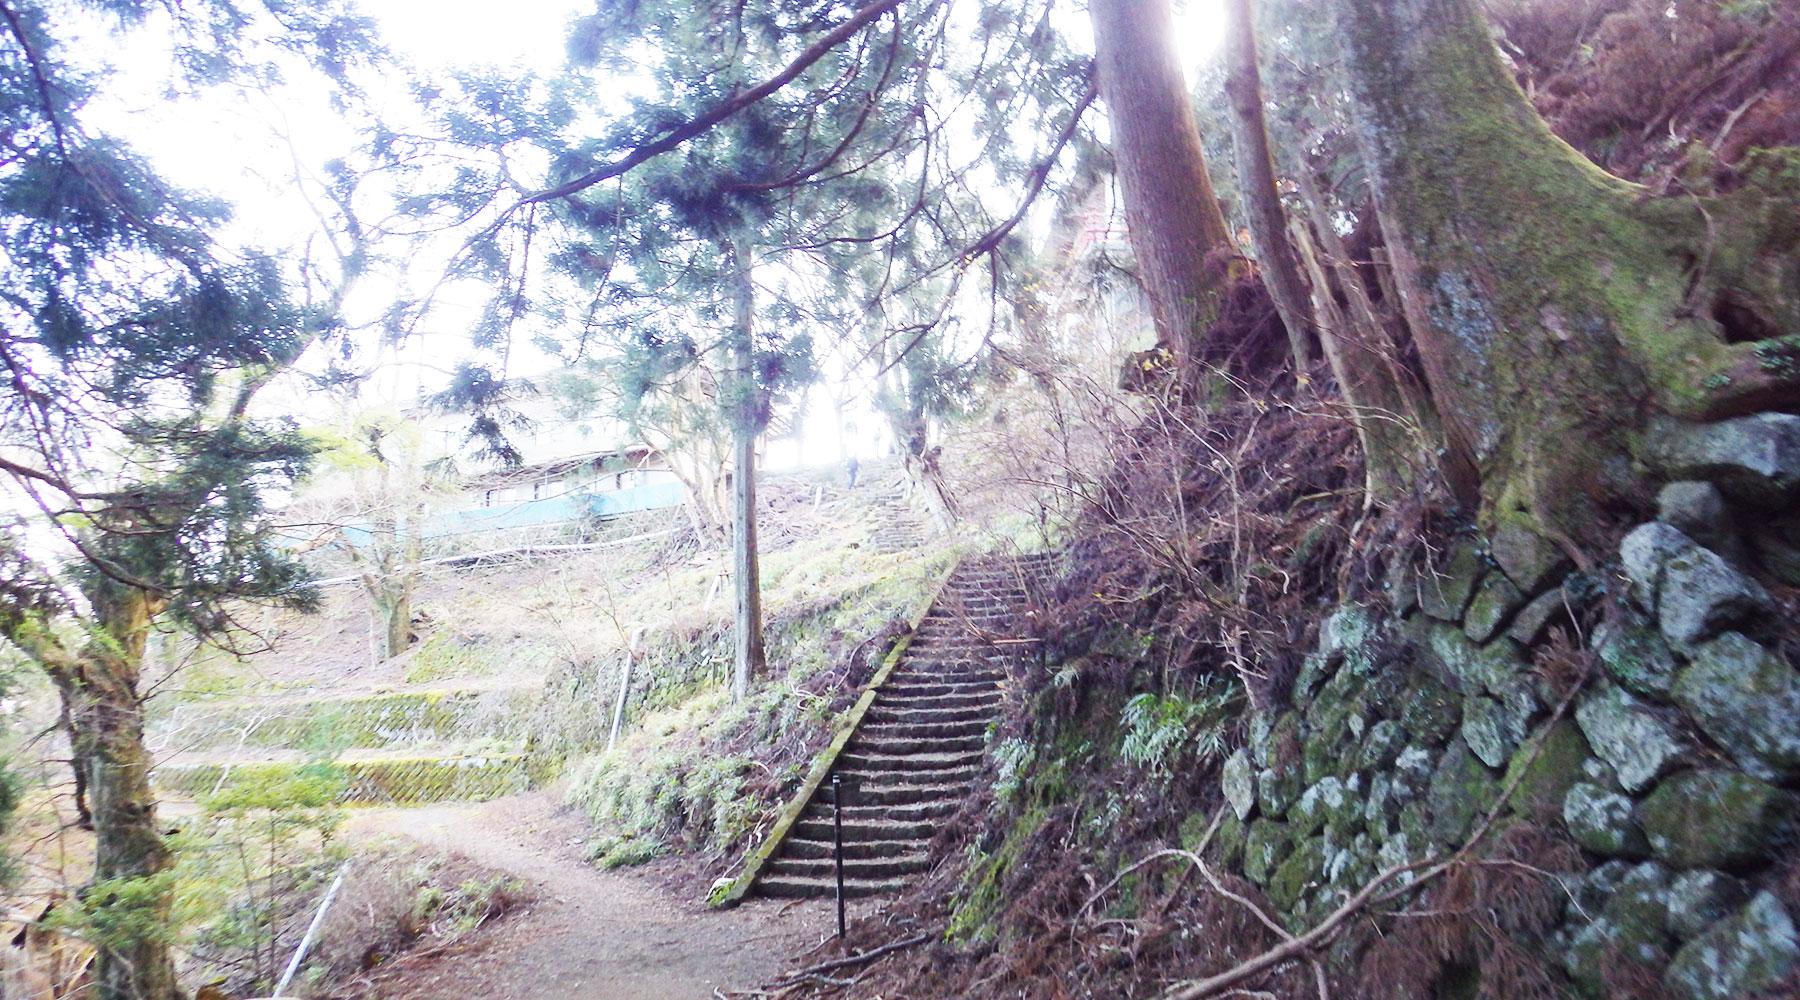 ルーメソの裏につながる階段